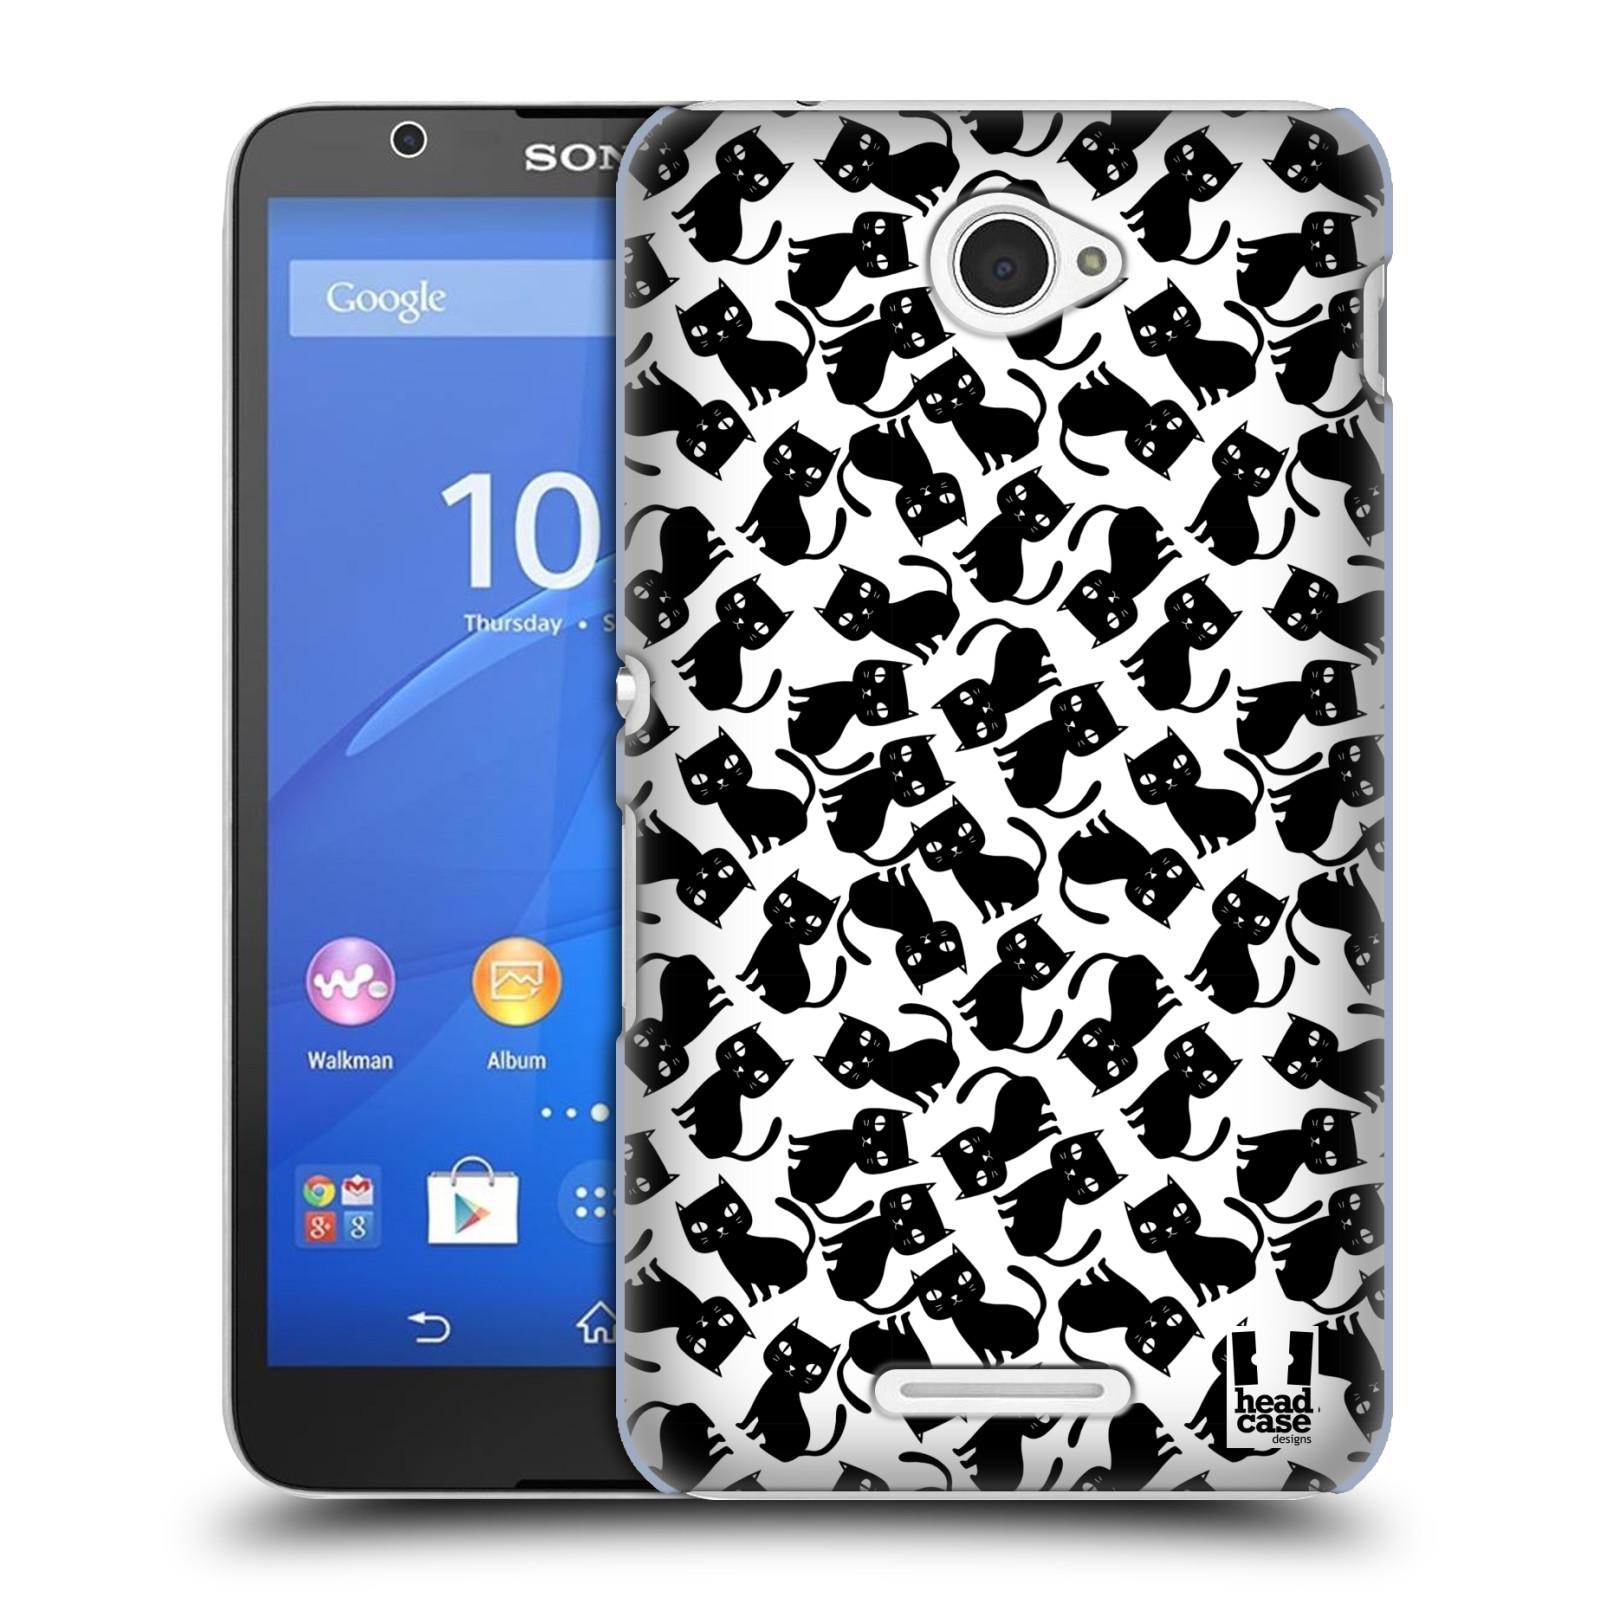 Plastové pouzdro na mobil Sony Xperia E4 E2105 HEAD CASE KOČKY Black Pattern (Kryt či obal na mobilní telefon Sony Xperia E4 a E4 Dual SIM)